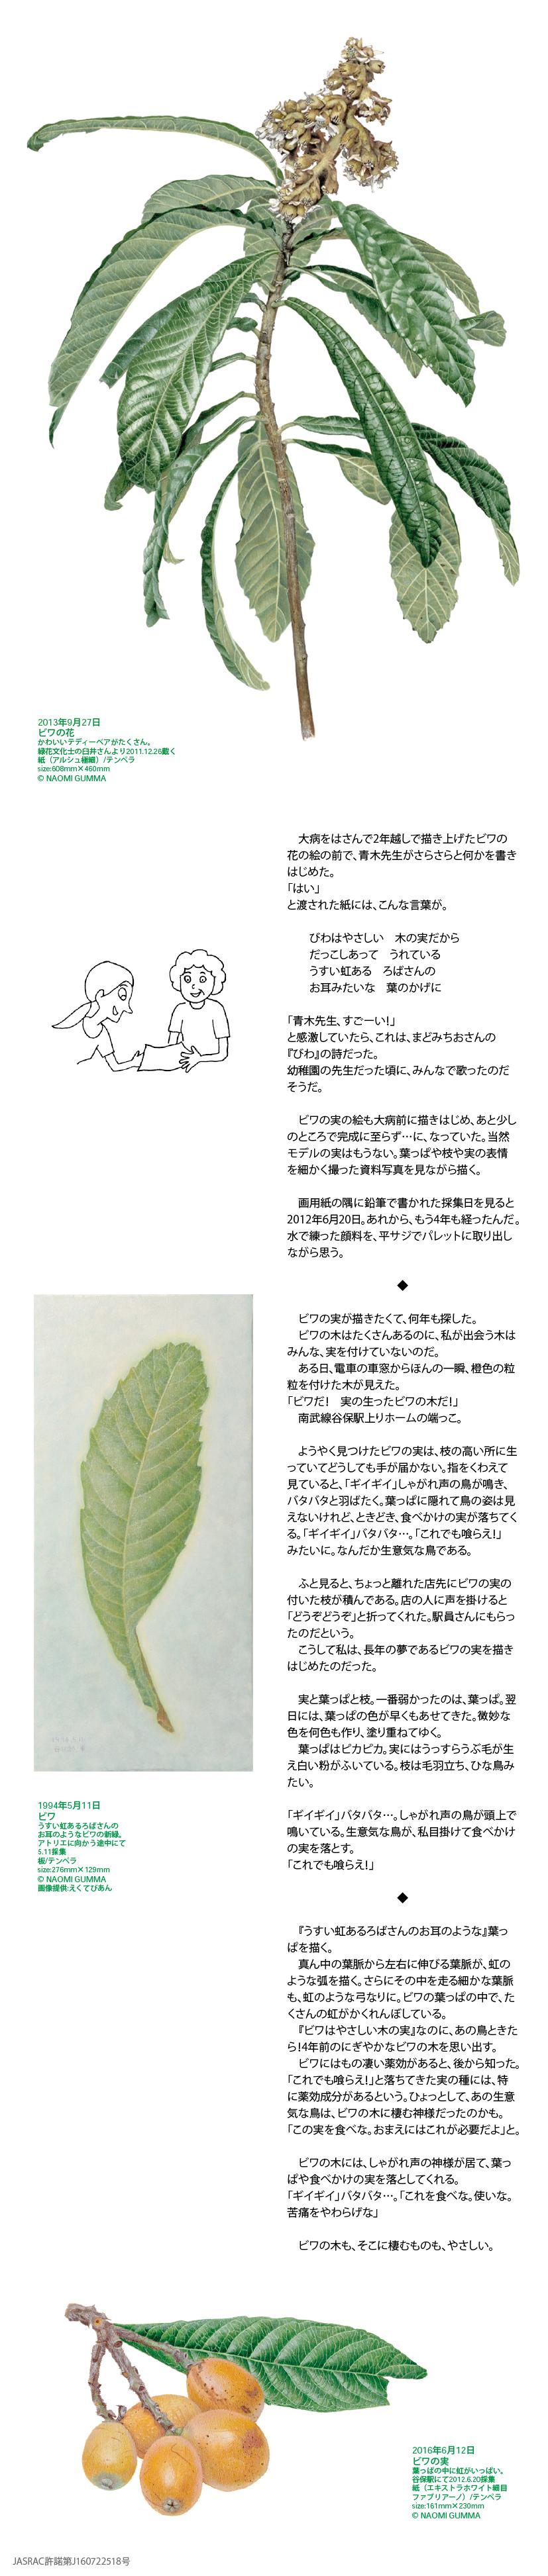 葉画家・群馬直美さんのアートコラム Second season 第4回イメージ1